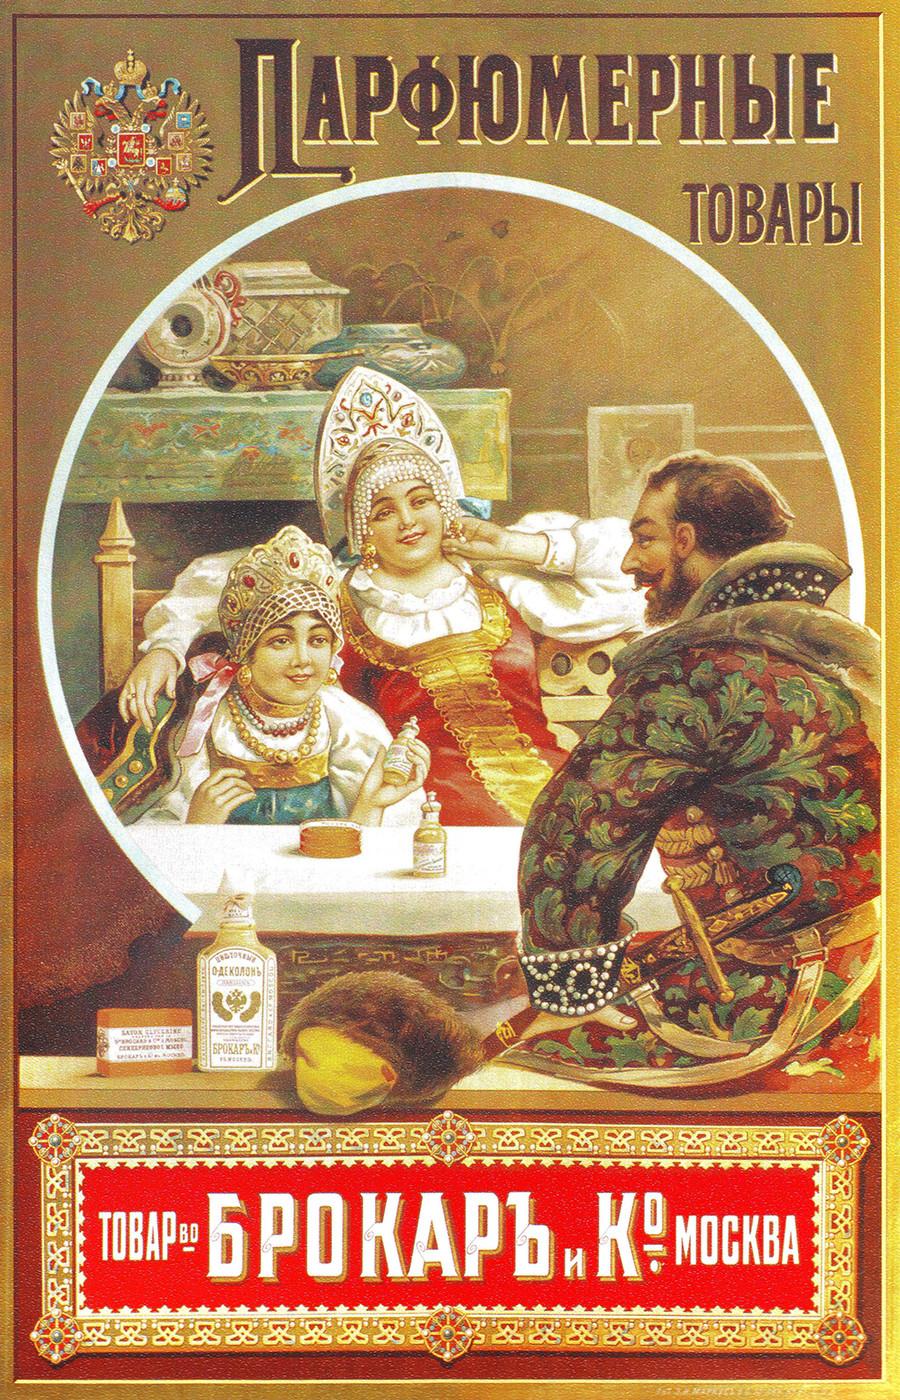 ブロカルの香水の広告